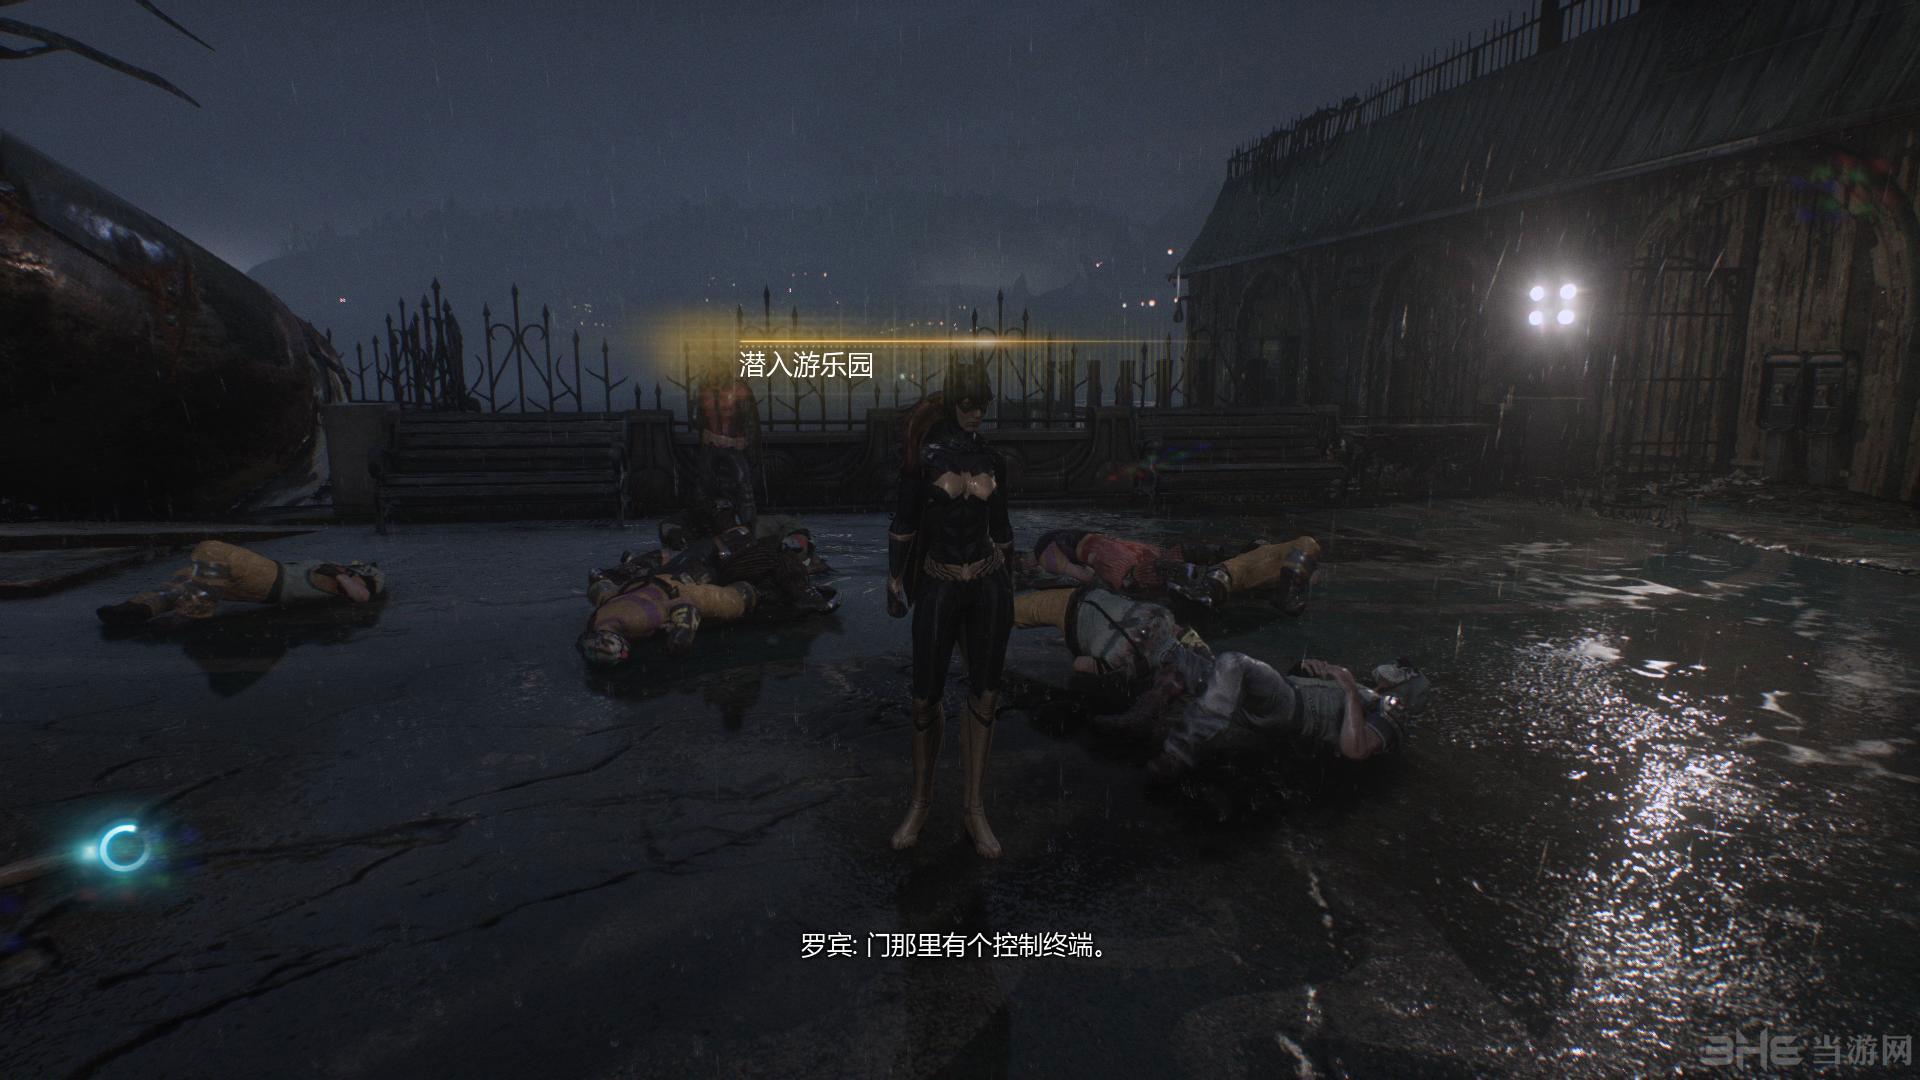 蝙蝠侠:阿甘骑士LMAO汉化组汉化补丁截图2